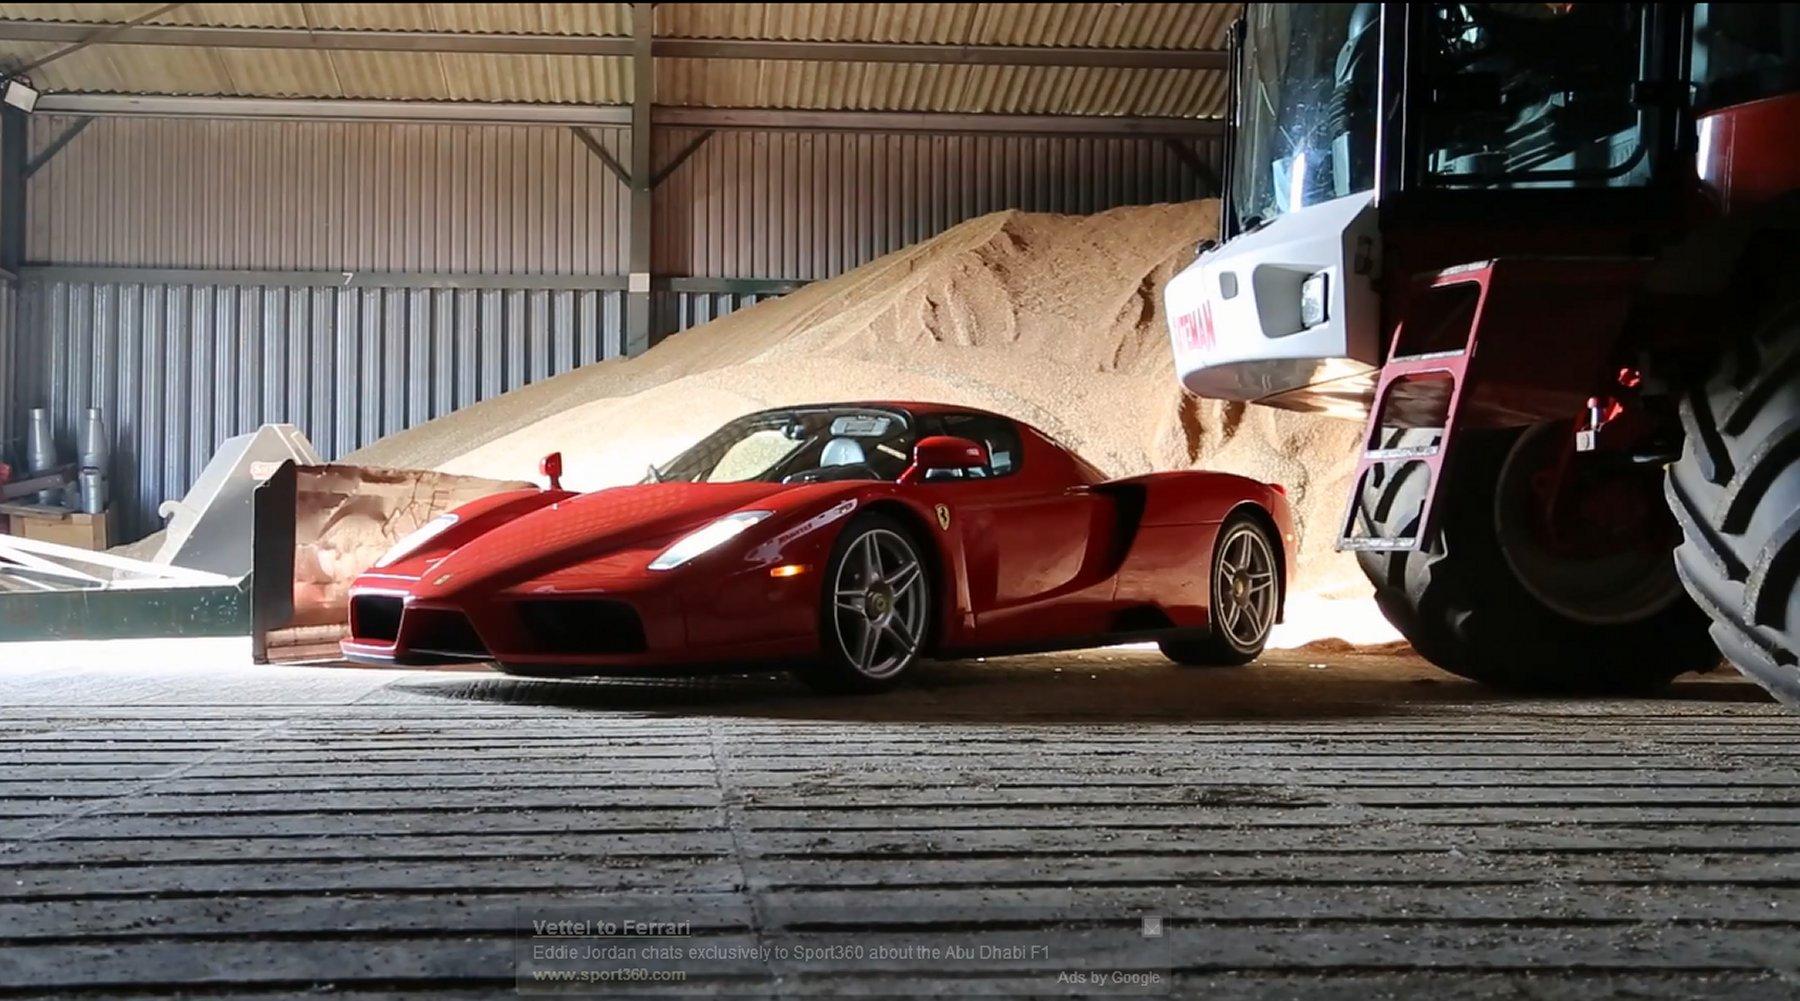 2014 Ferrari Enzo